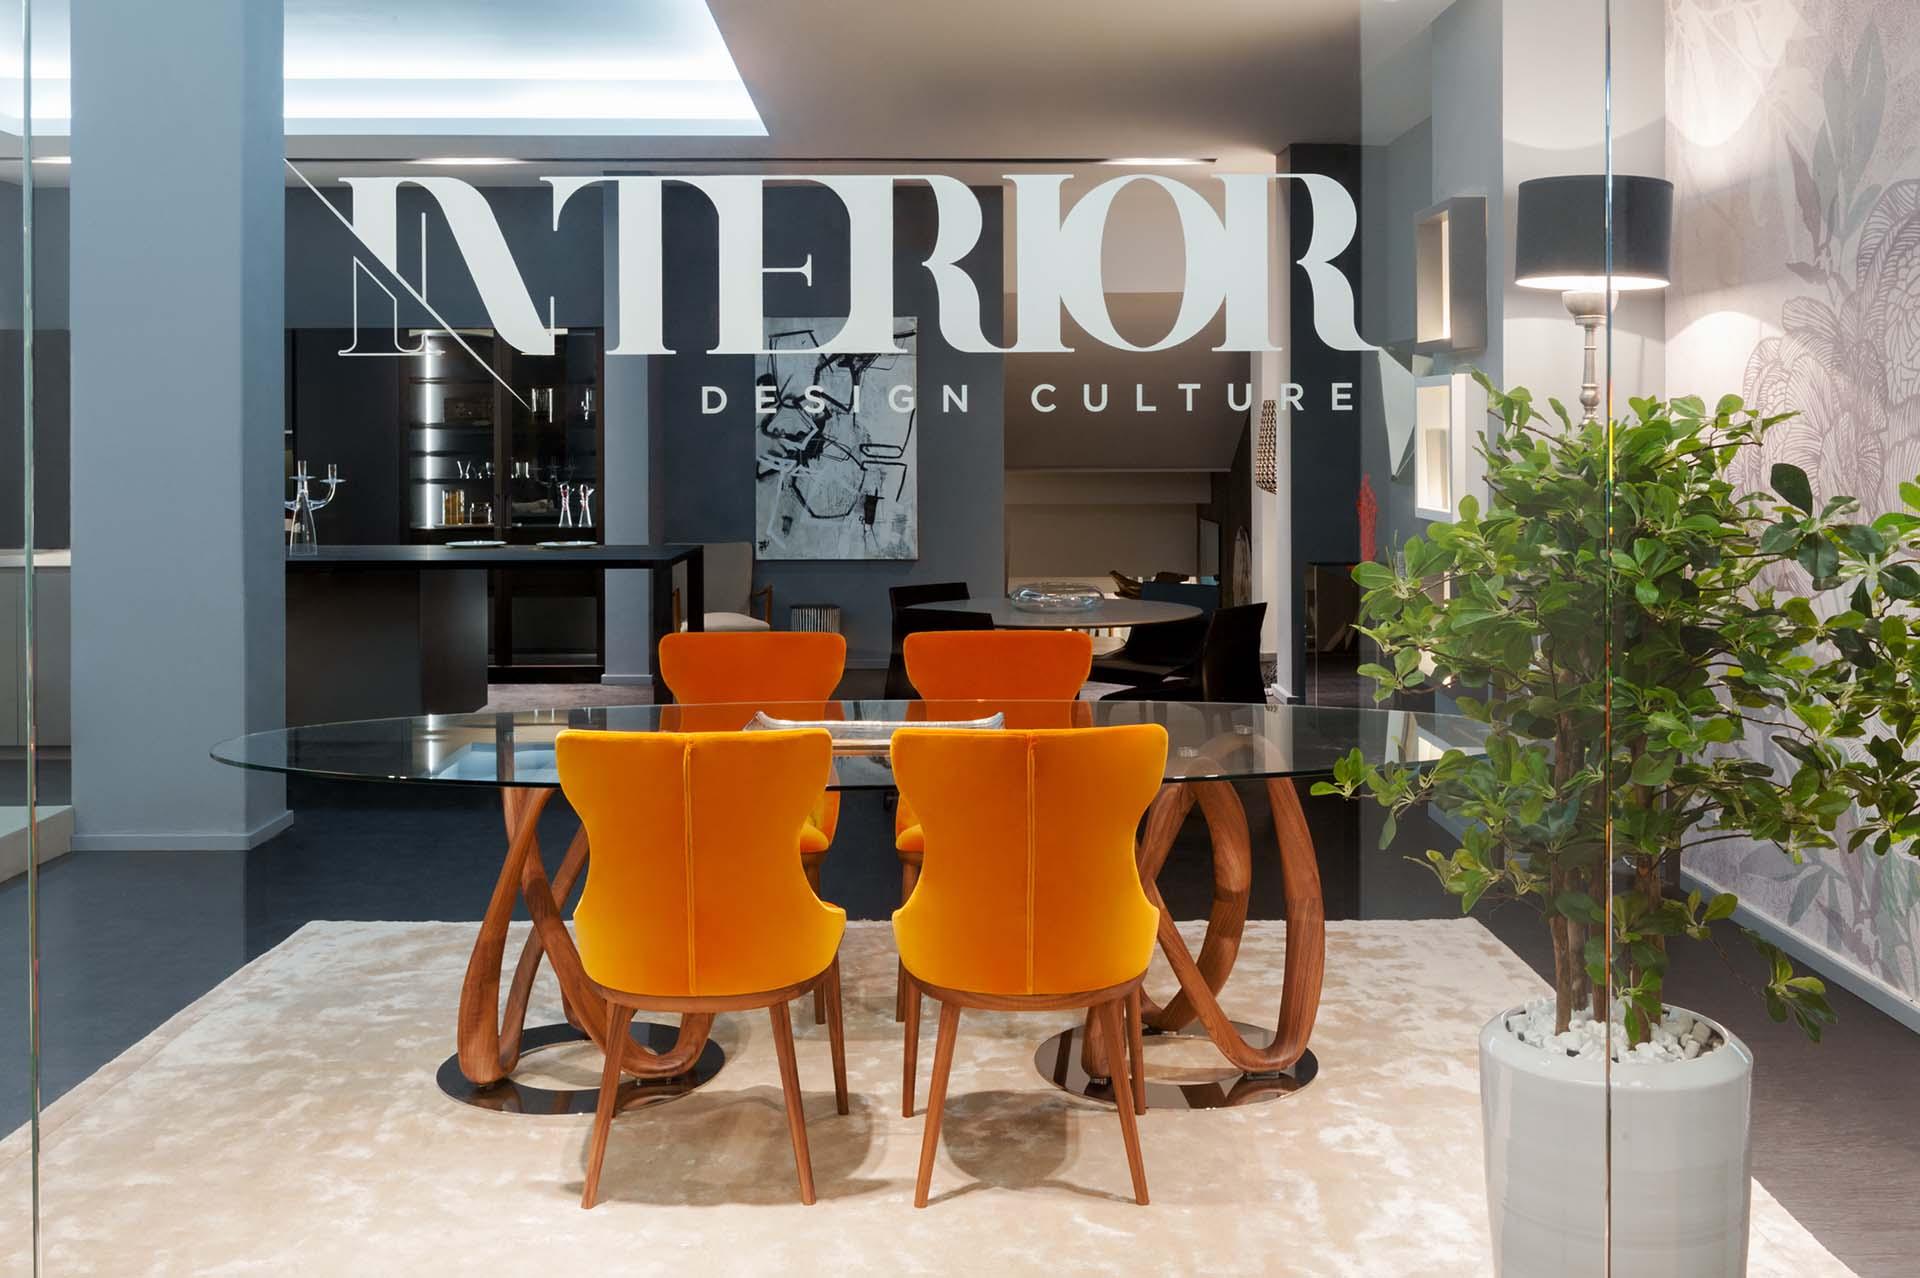 Fotografia dell'ingresso allo studio di architettura con scritta Interior